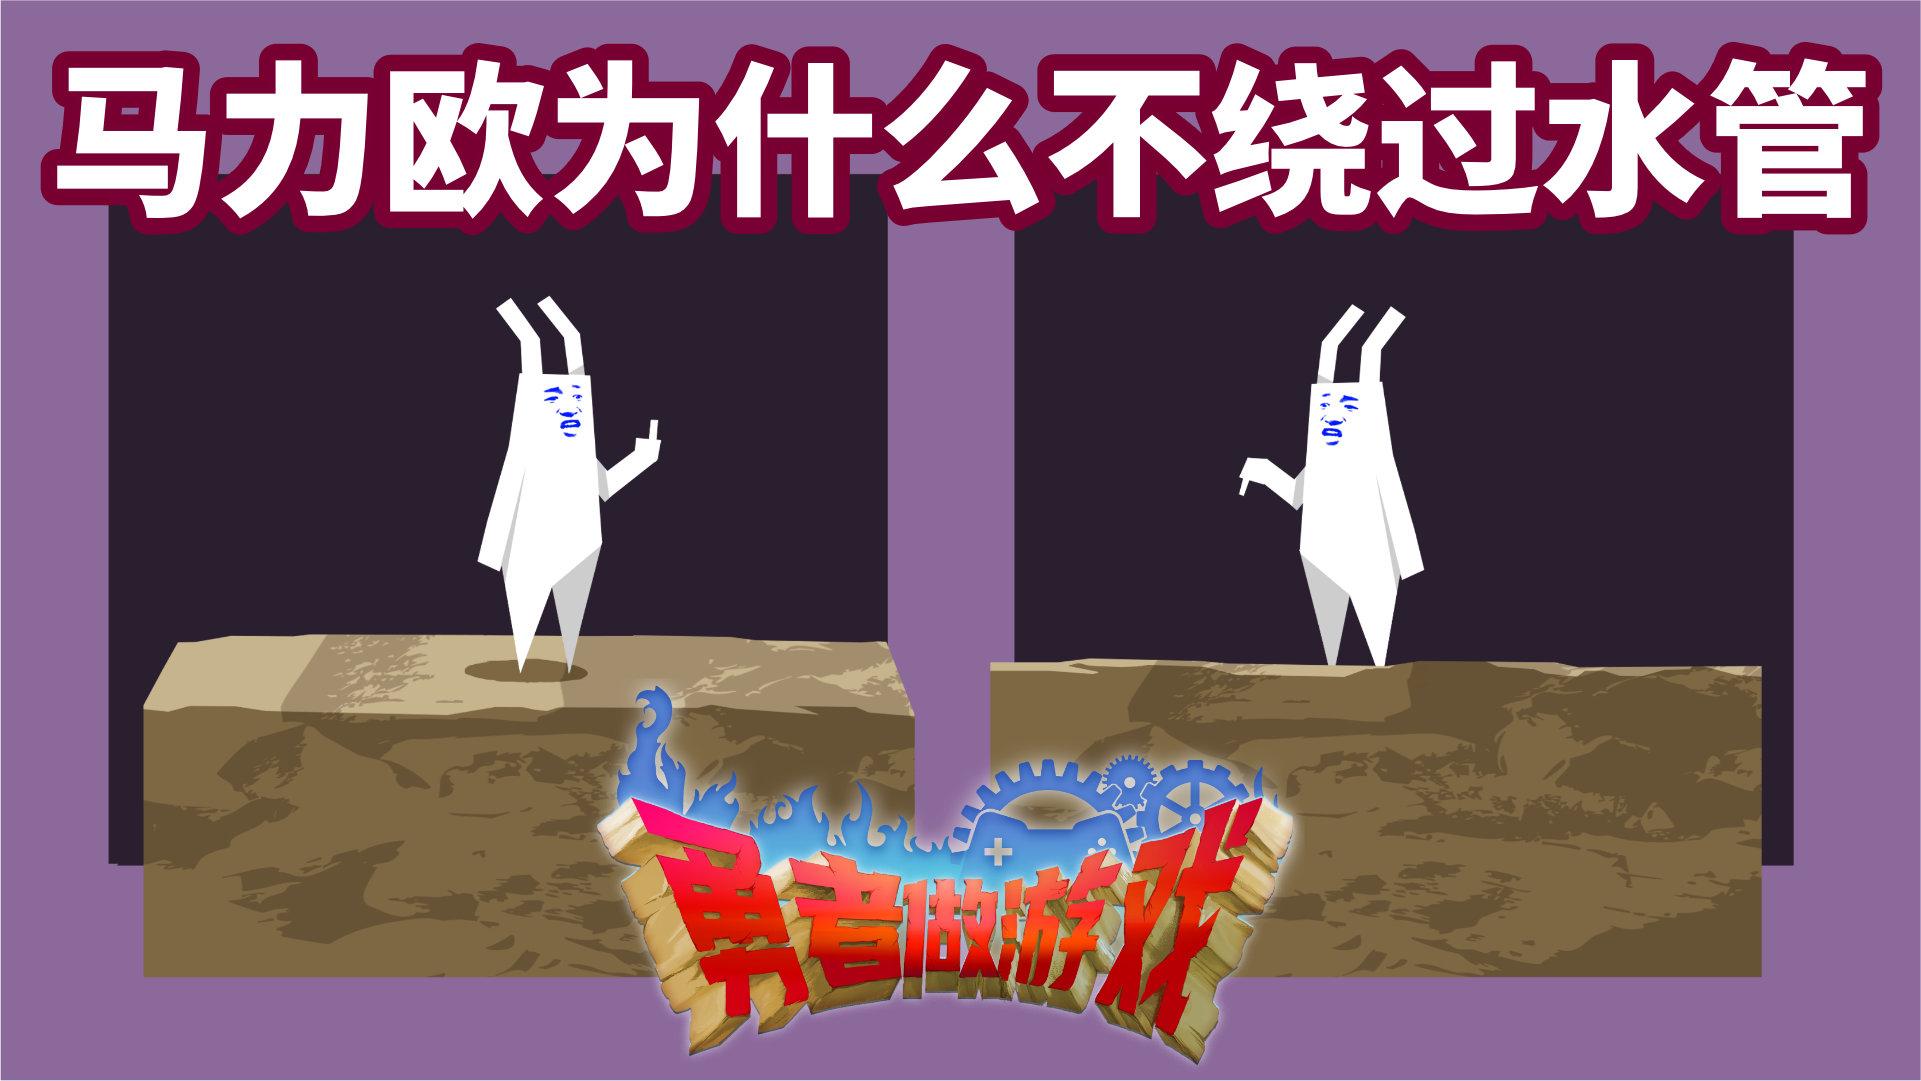 马力欧为什么绕不过水管【勇者做游戏04】